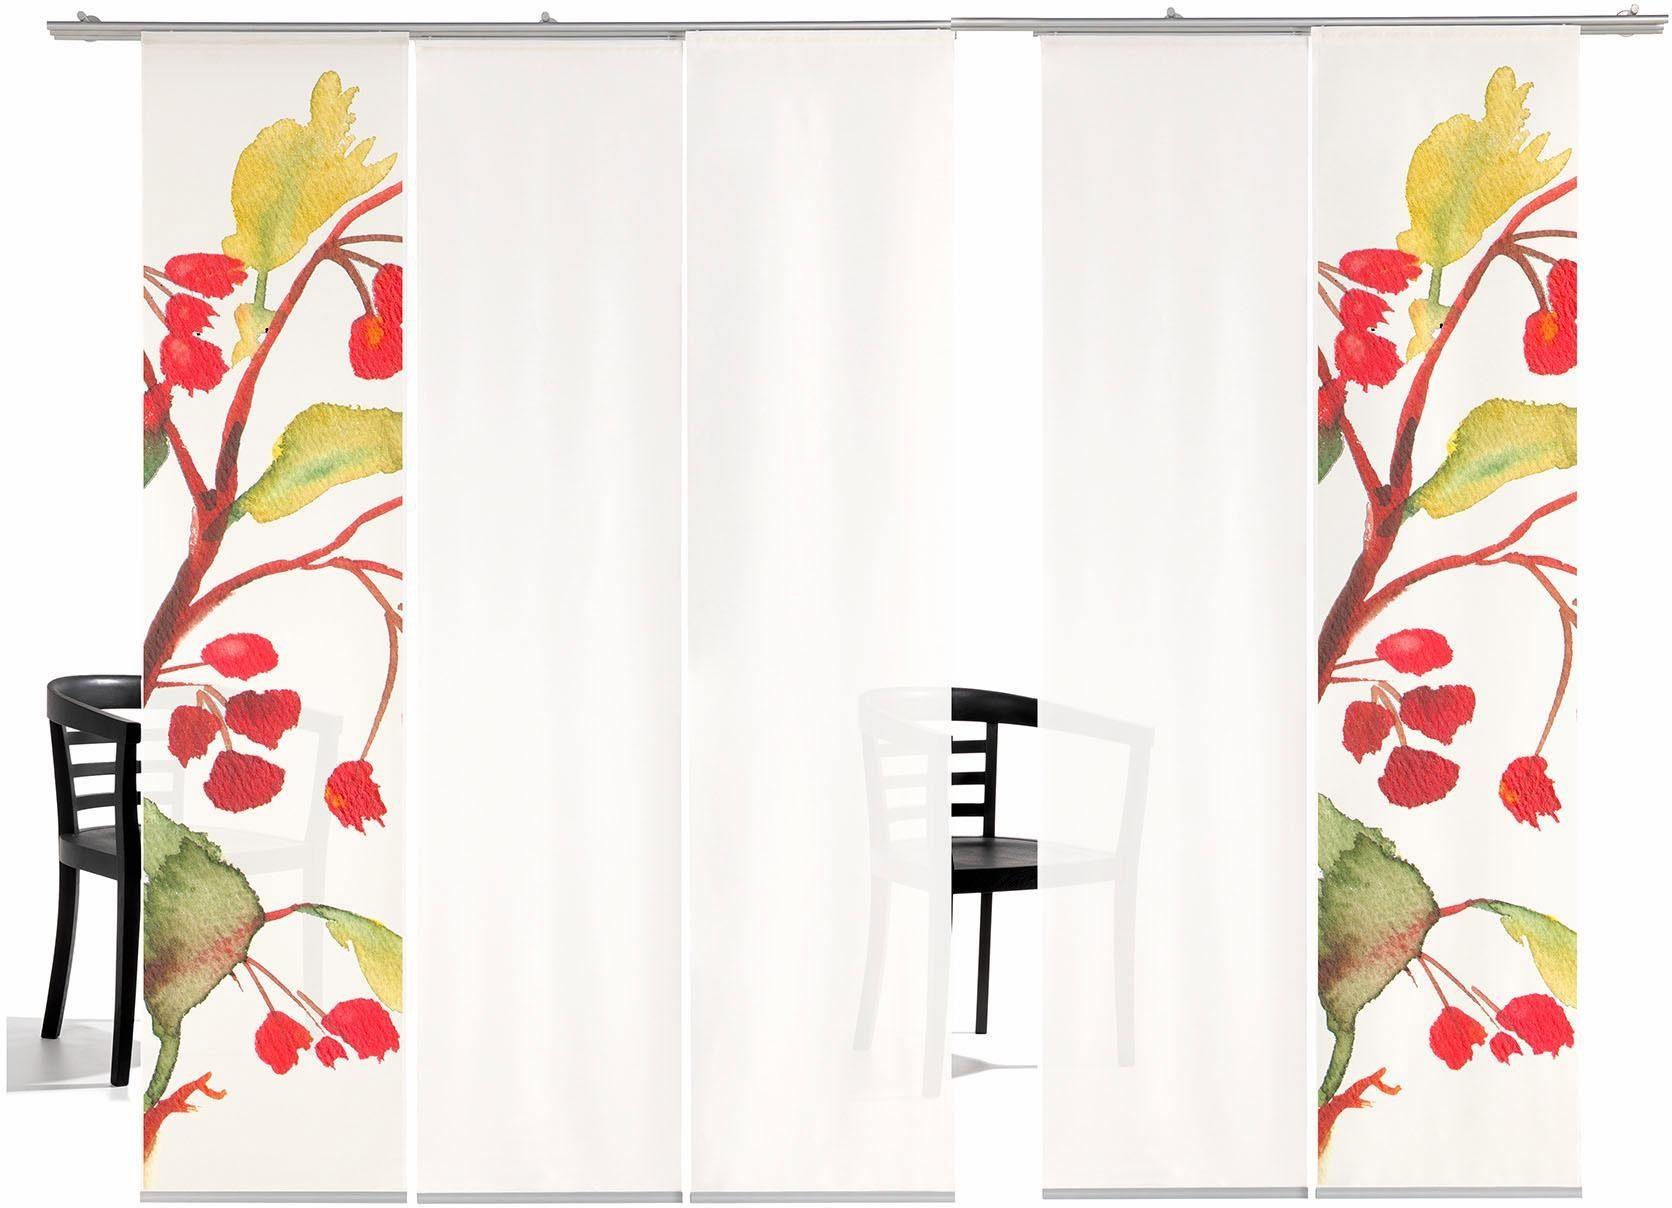 Schiebegardine »Kirschblüten HA«, emotion textiles, Klettband (5 Stück), inkl. Befestigungszubehör